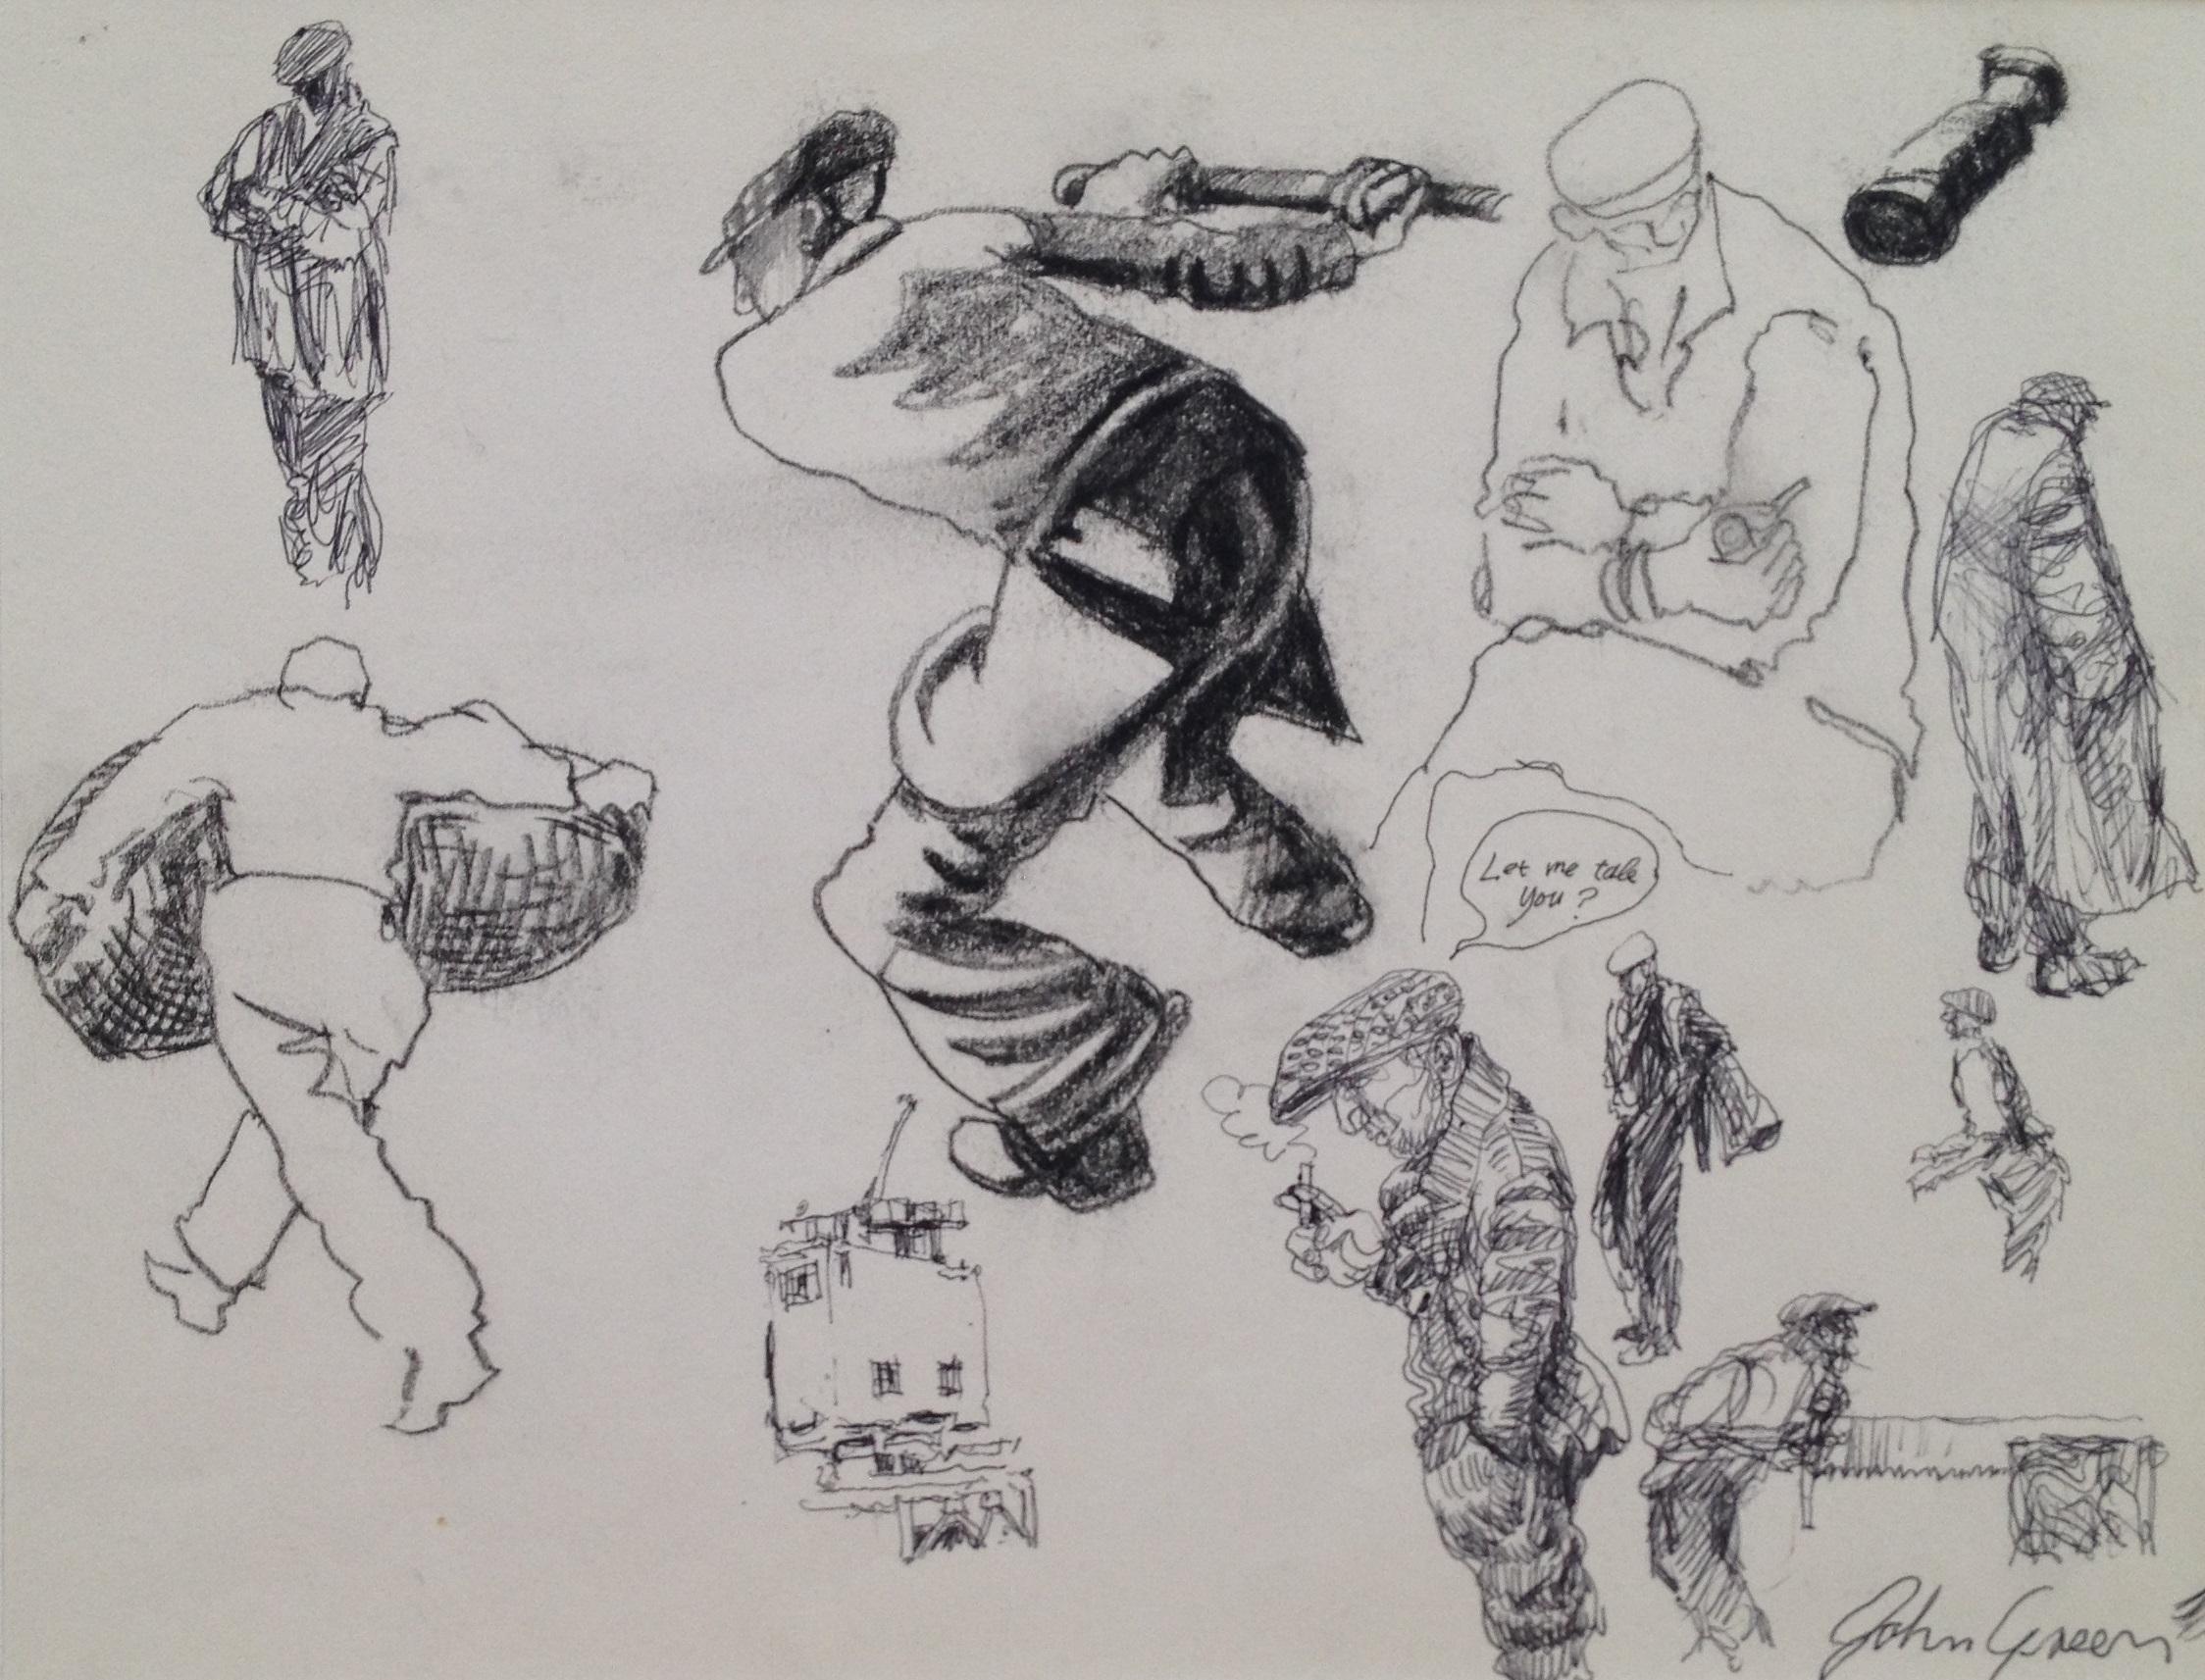 'Sketchbook studies' drawings Image 20x29cm Mount 30x40cm £150